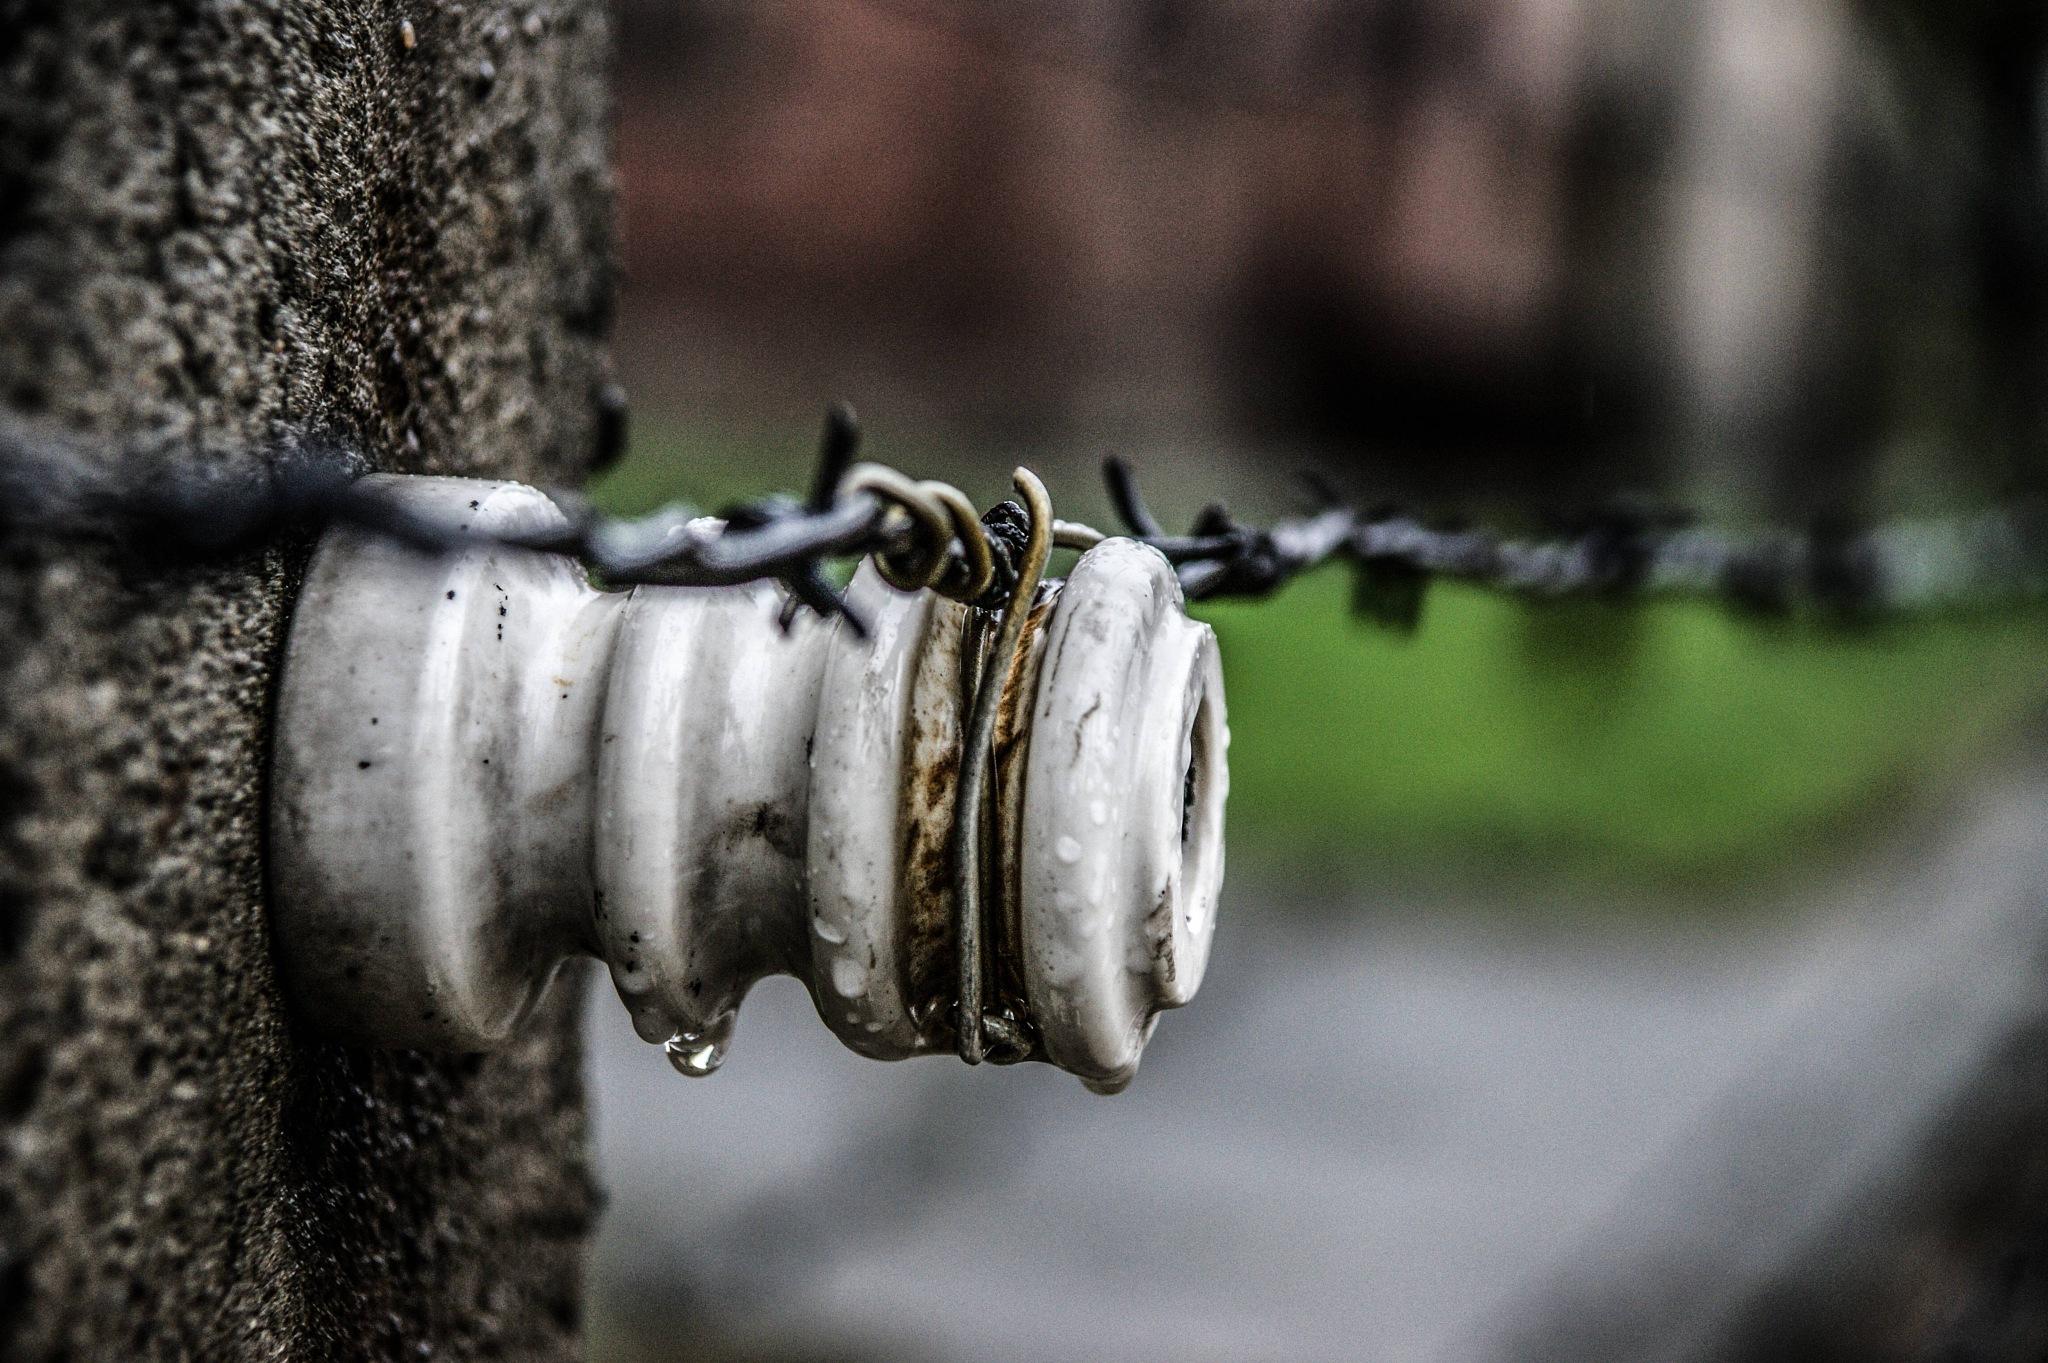 Auschwitz, April 2017 by Gianni Meini